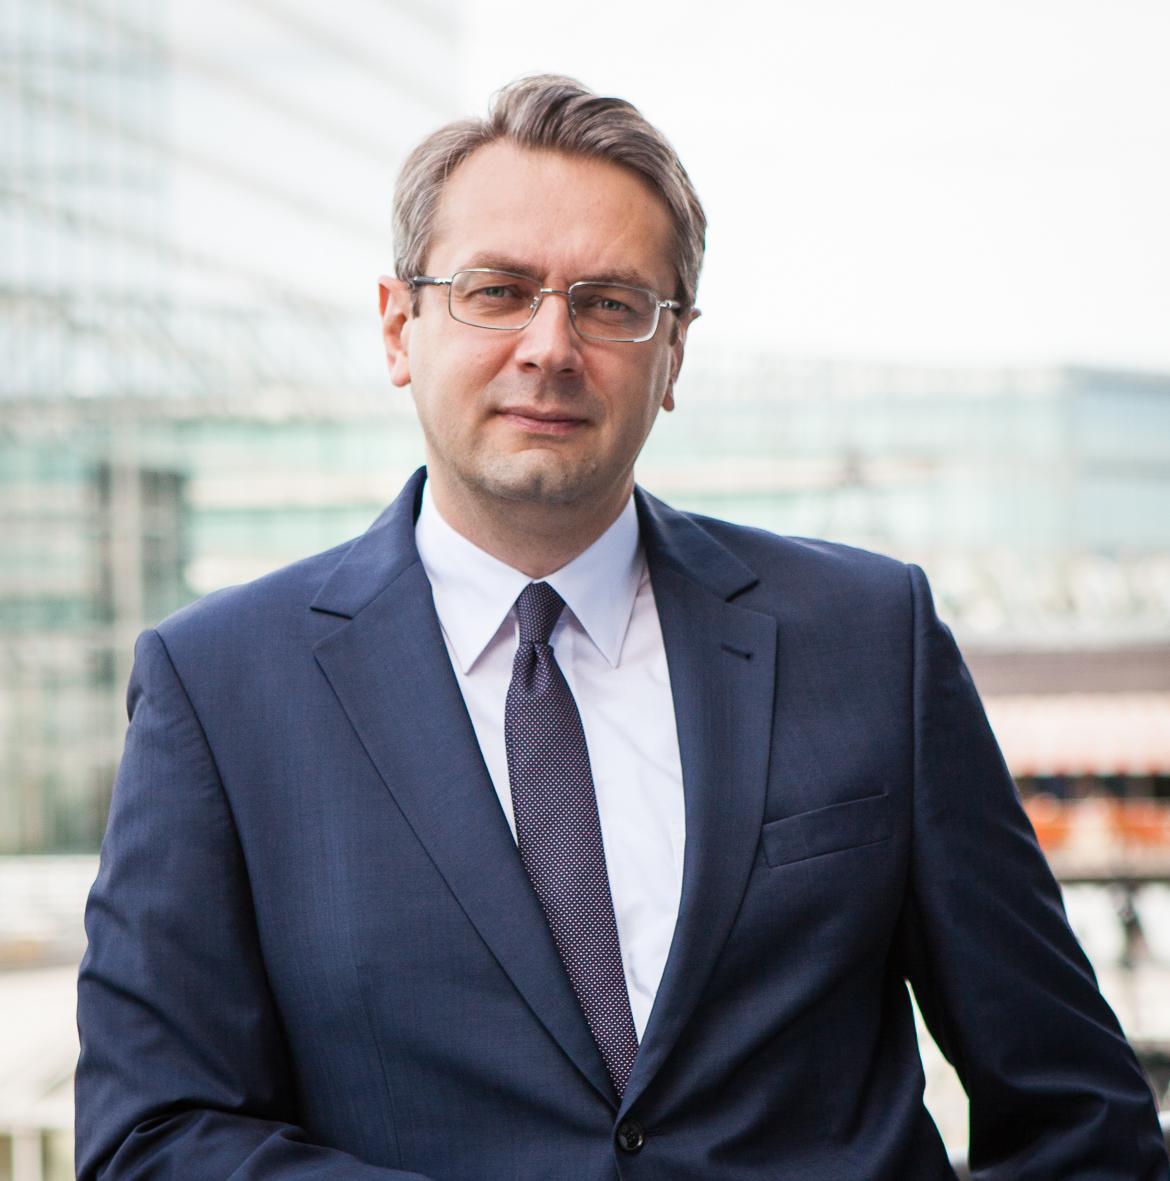 Русскоязычныe адвокаты, коммерческое и корпоративное право. Нотариус в Берлине